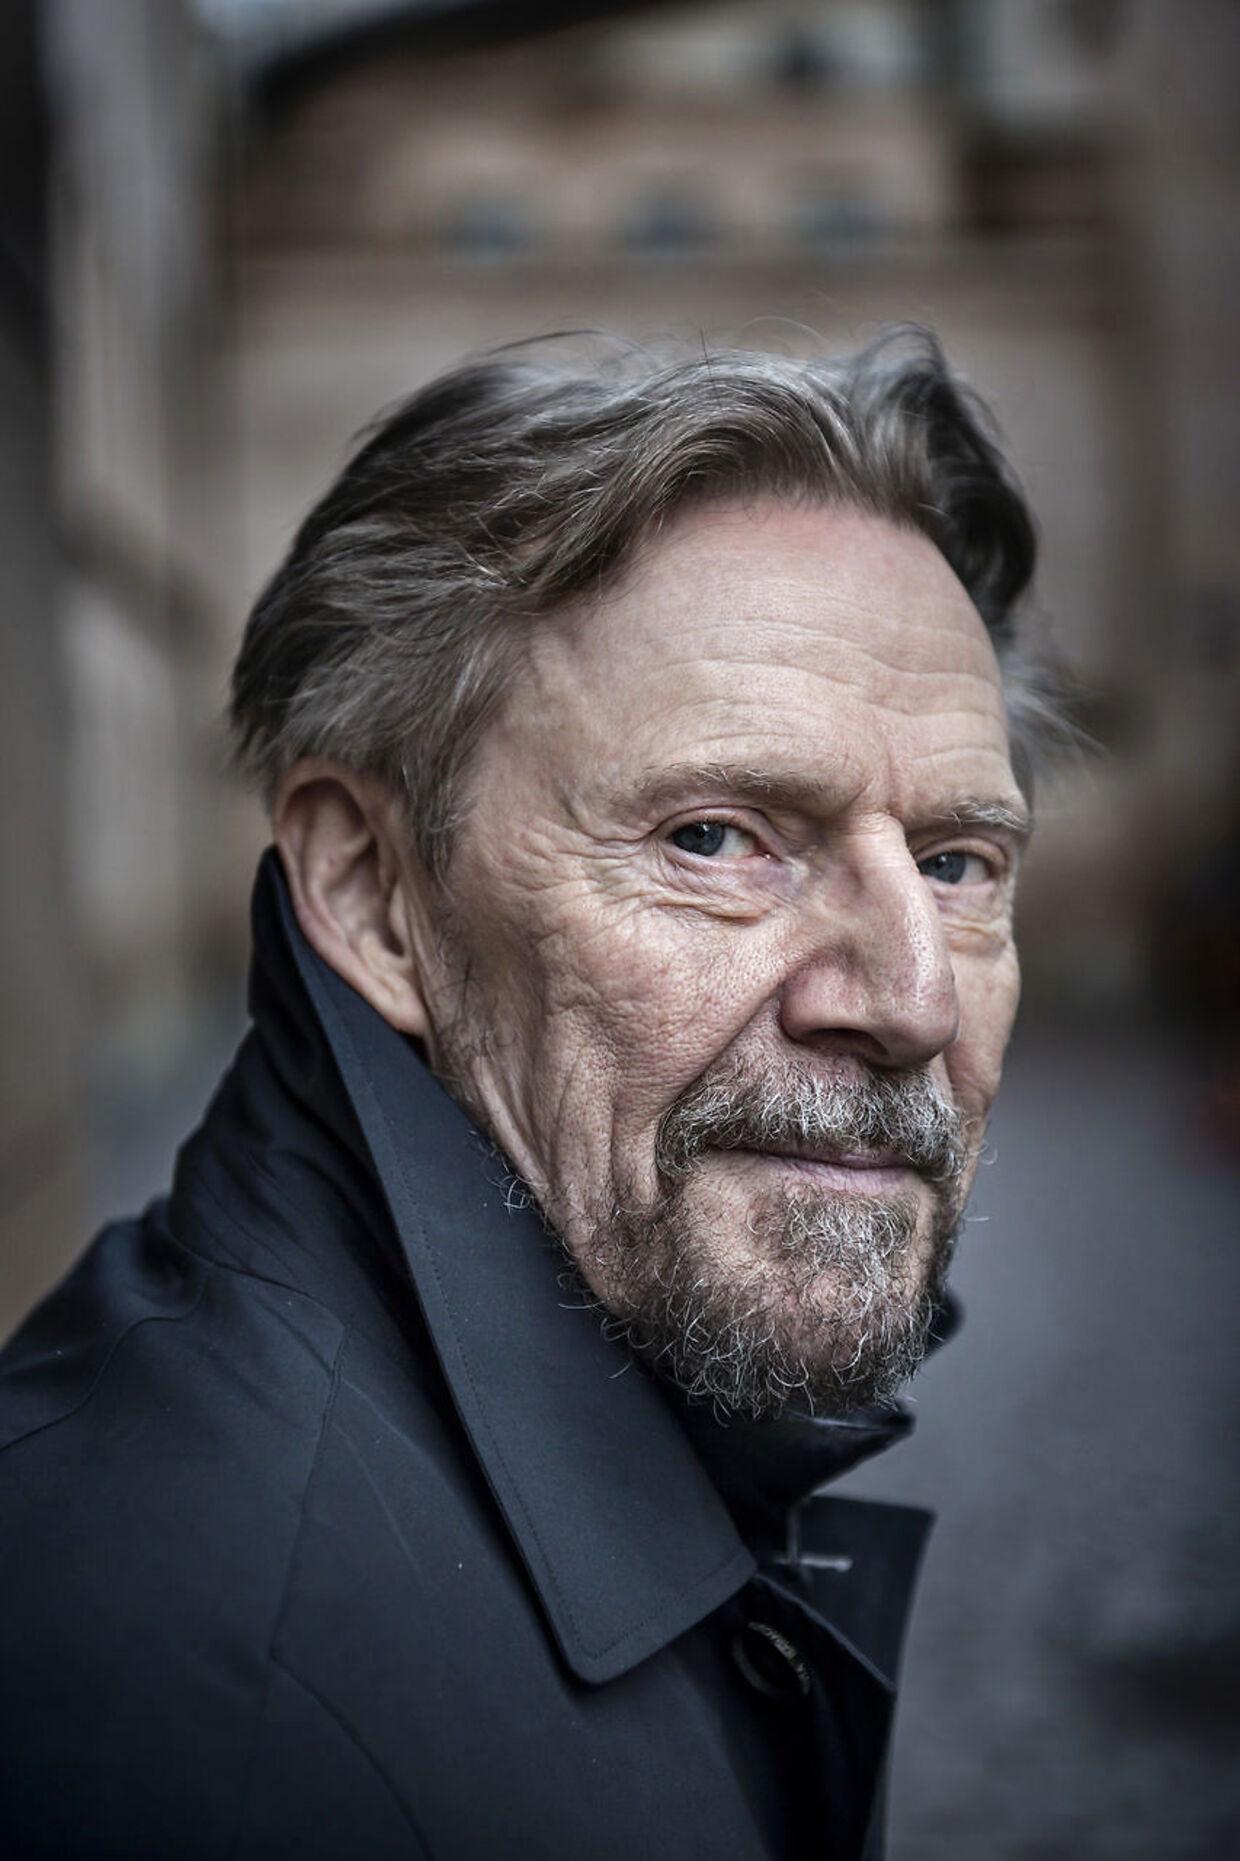 Skuespiller Jesper Christensen har svært ved at se sig selv på film uden at være meget kritisk.